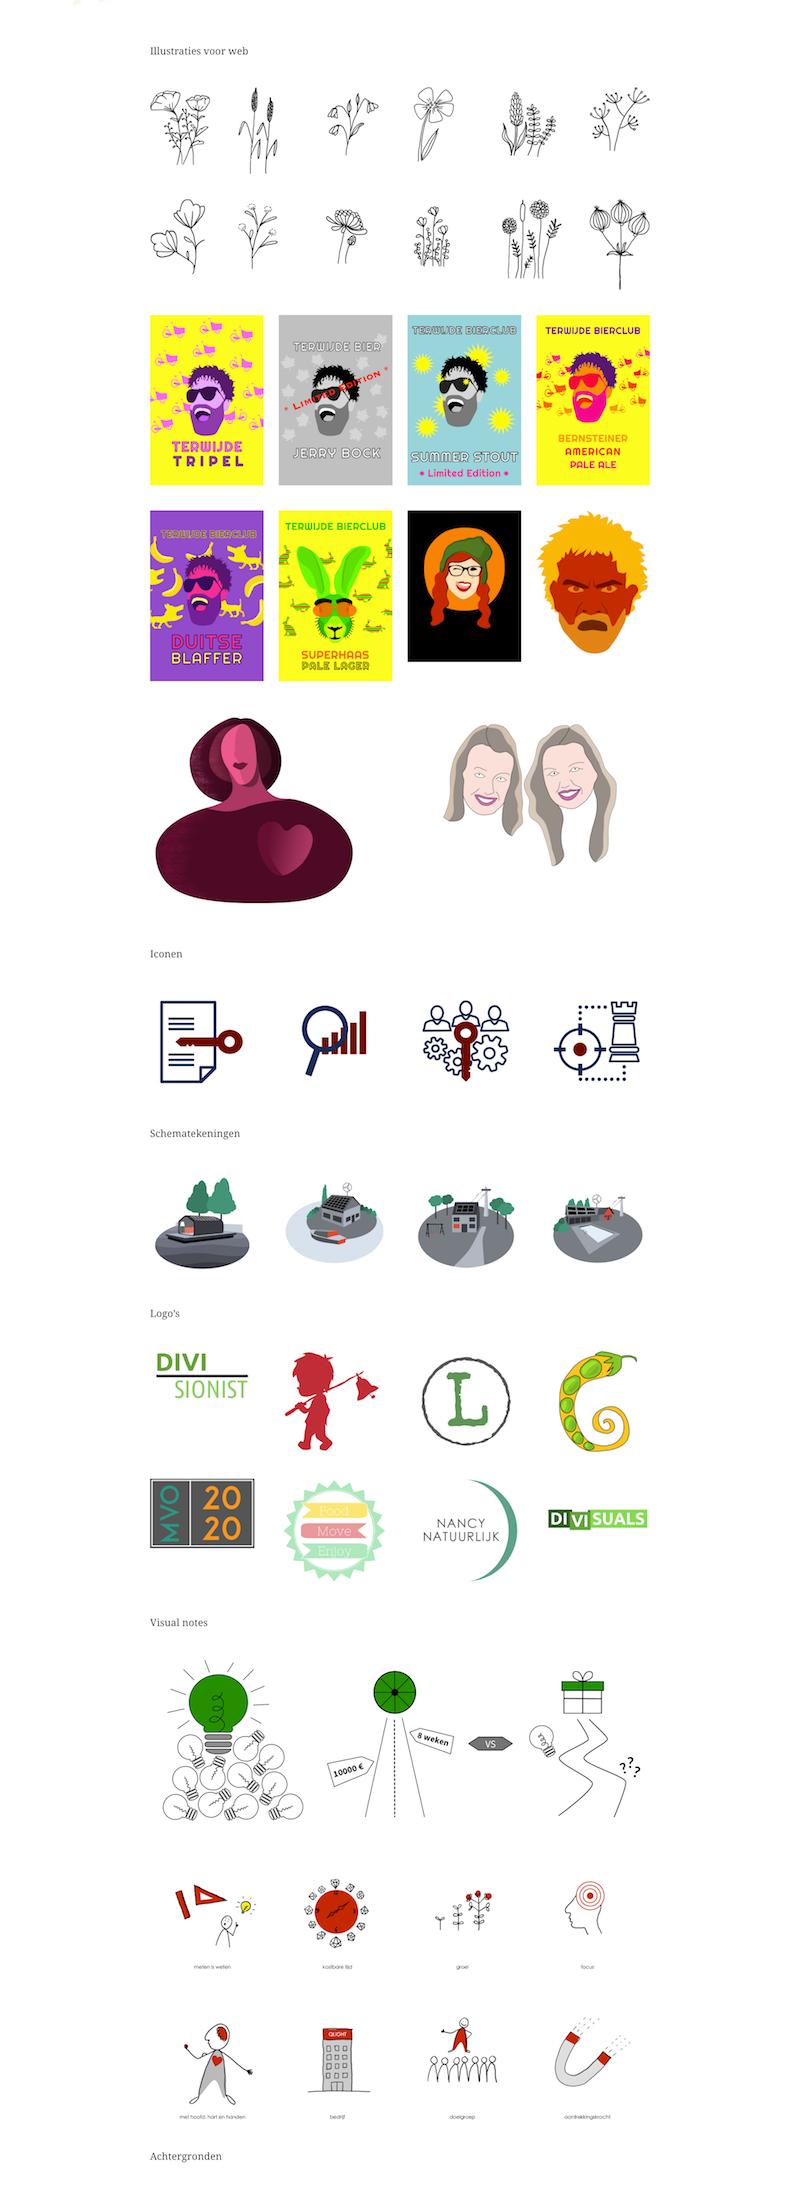 screencapture-websitezzp-nl-beelden-portfolio-2019-03-28-16_27_16